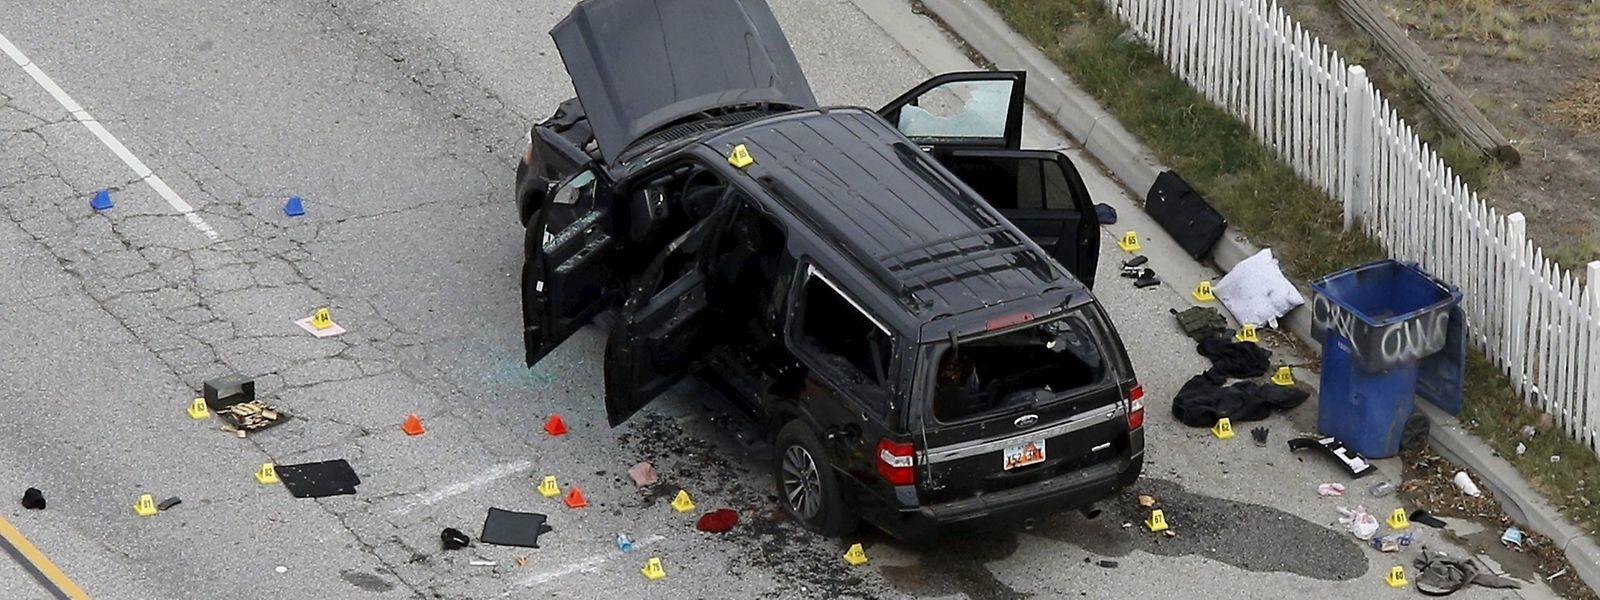 Die Überreste eines SUV nach der Schießerei.